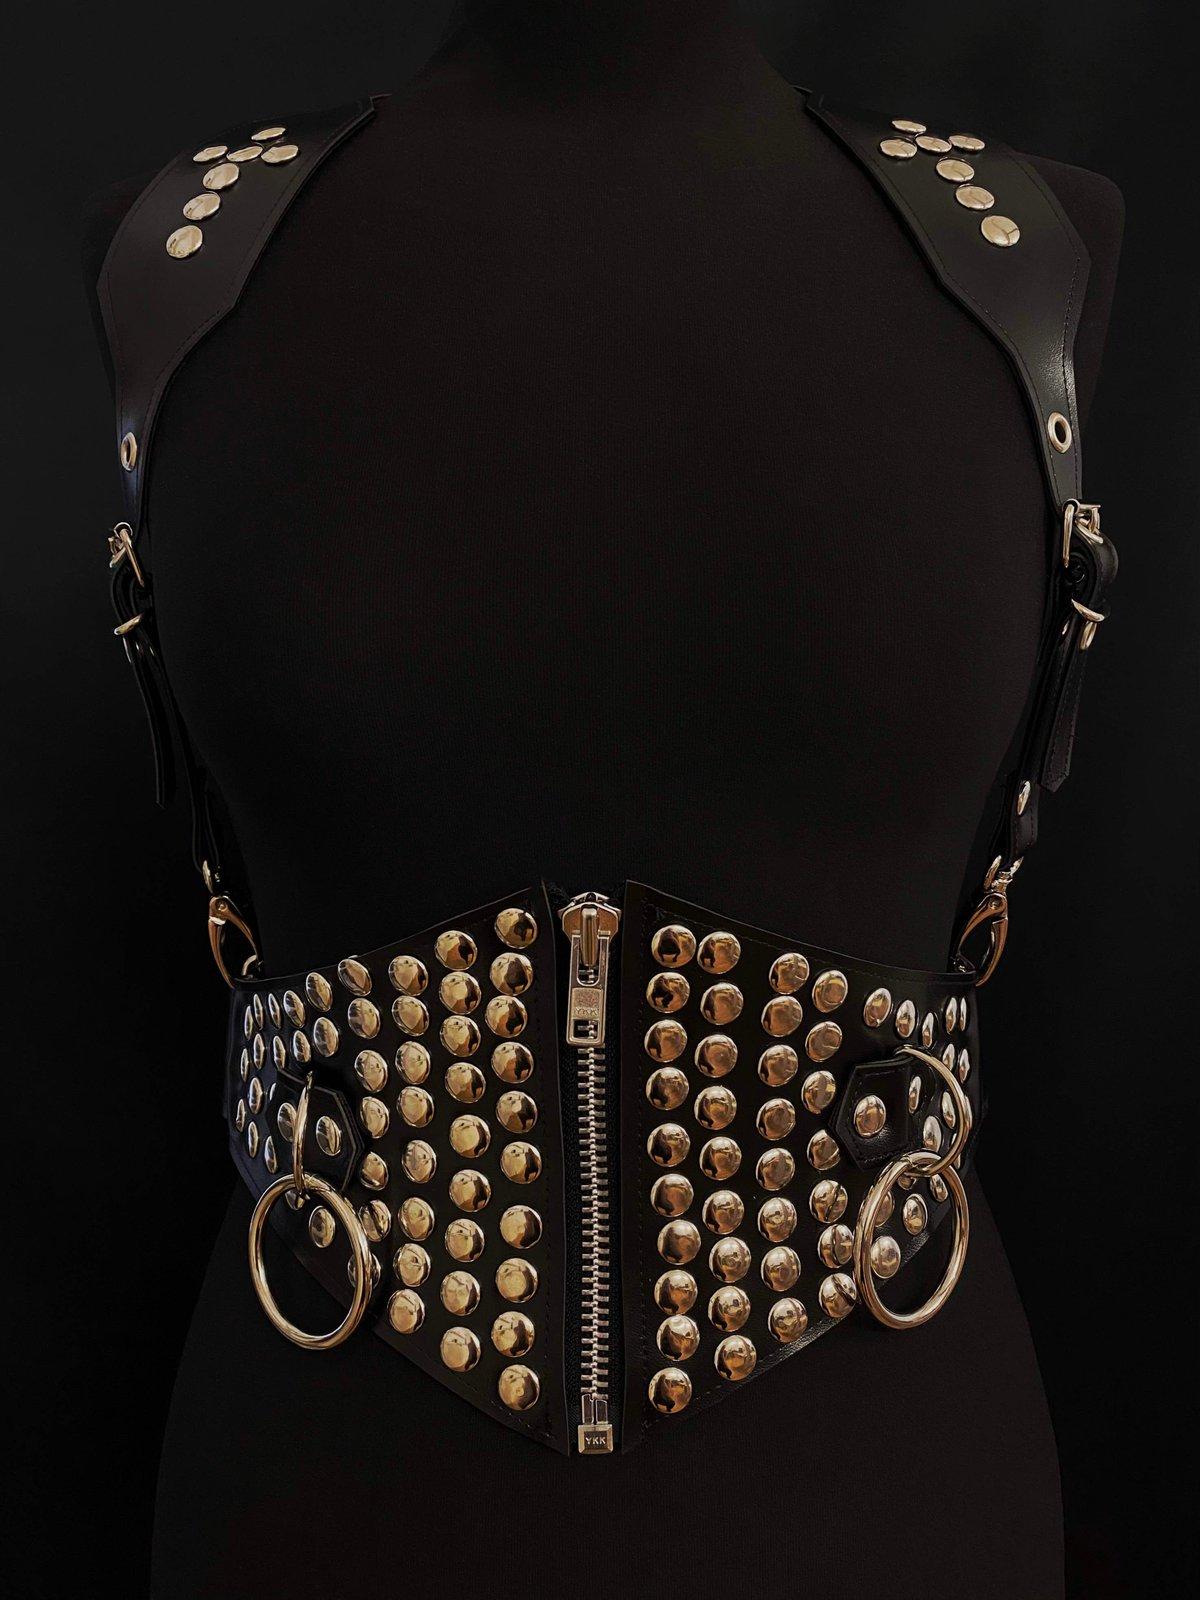 Studded waist cincher harness